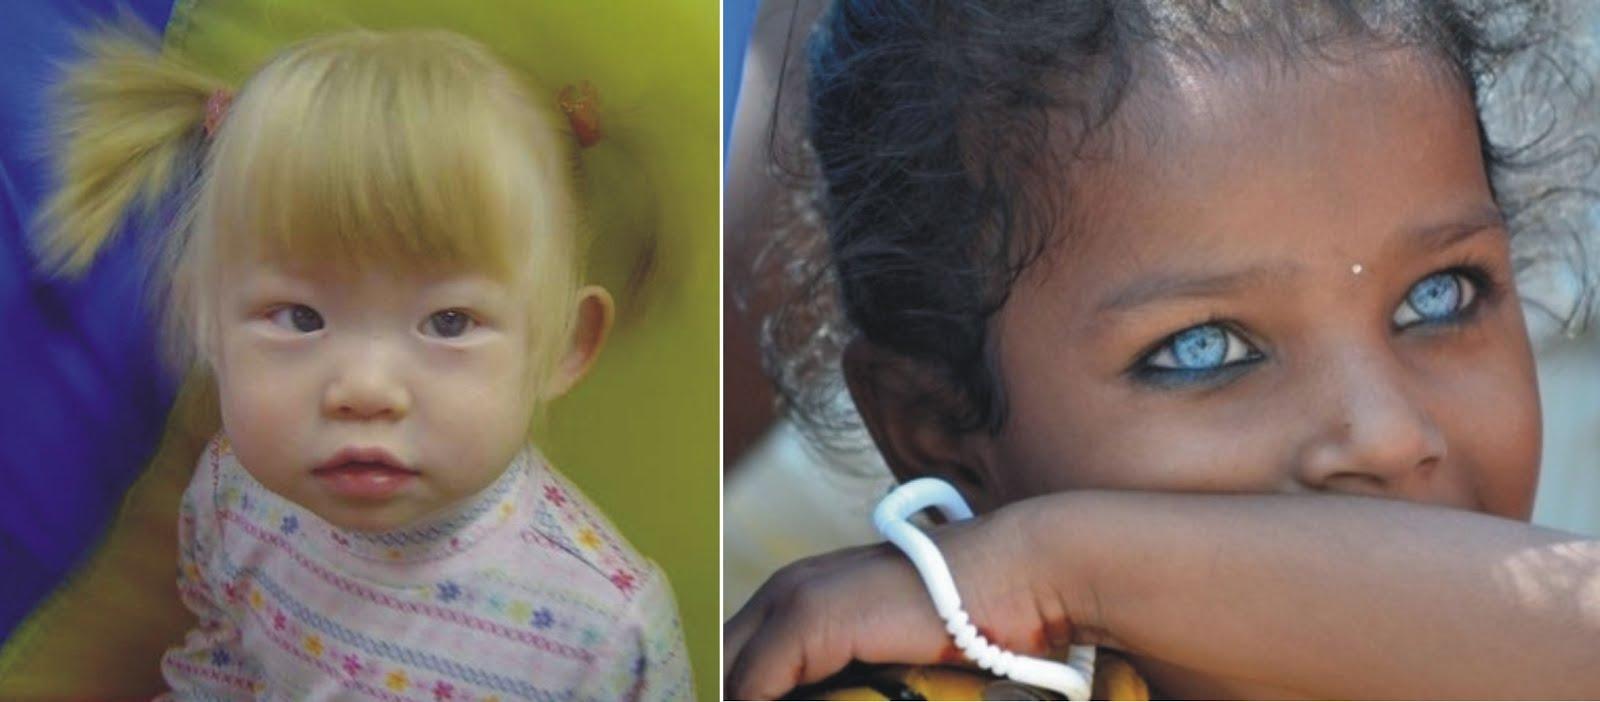 Европейская внешность фото детей